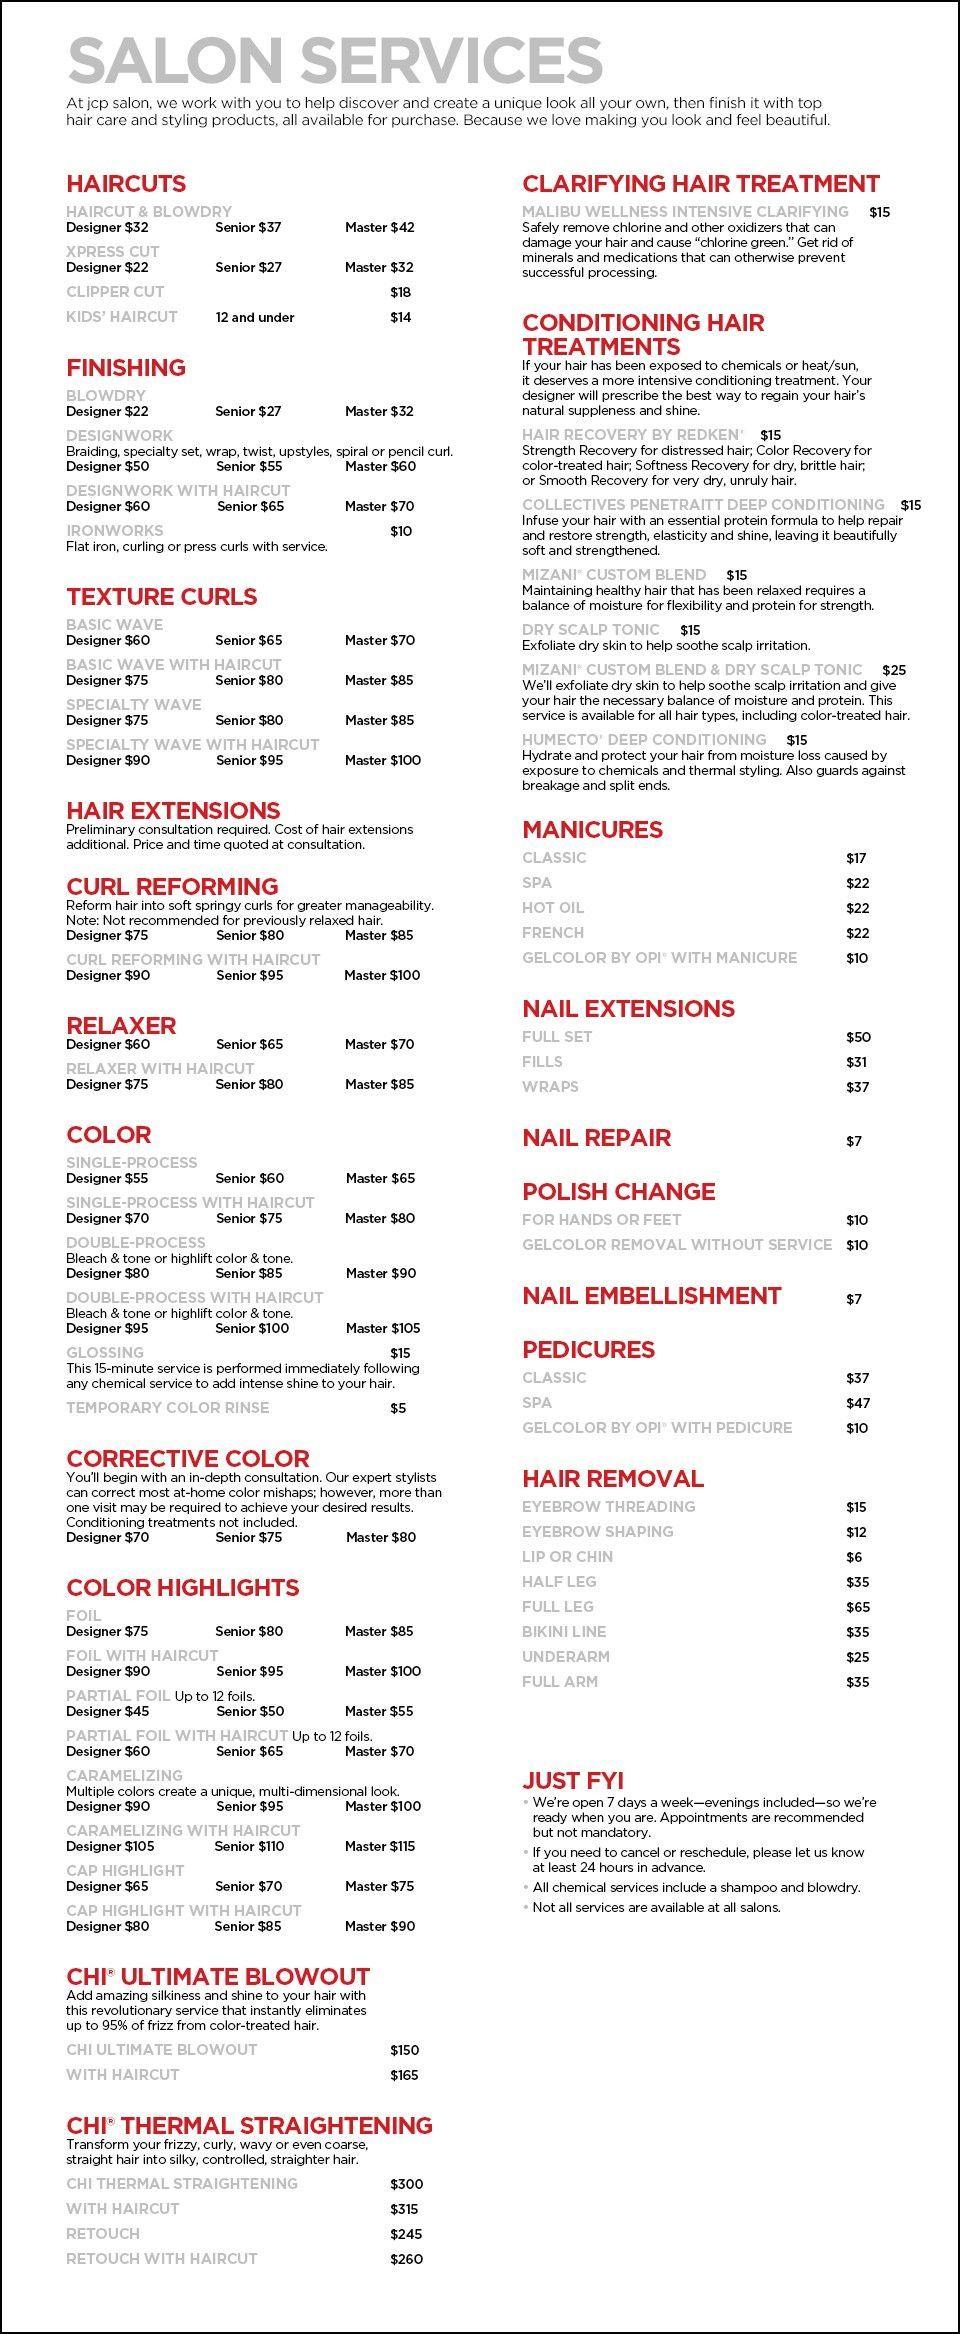 At Home Haircut Price Haircut Models Hair Salon Prices Salon Services Hair Salon Decor